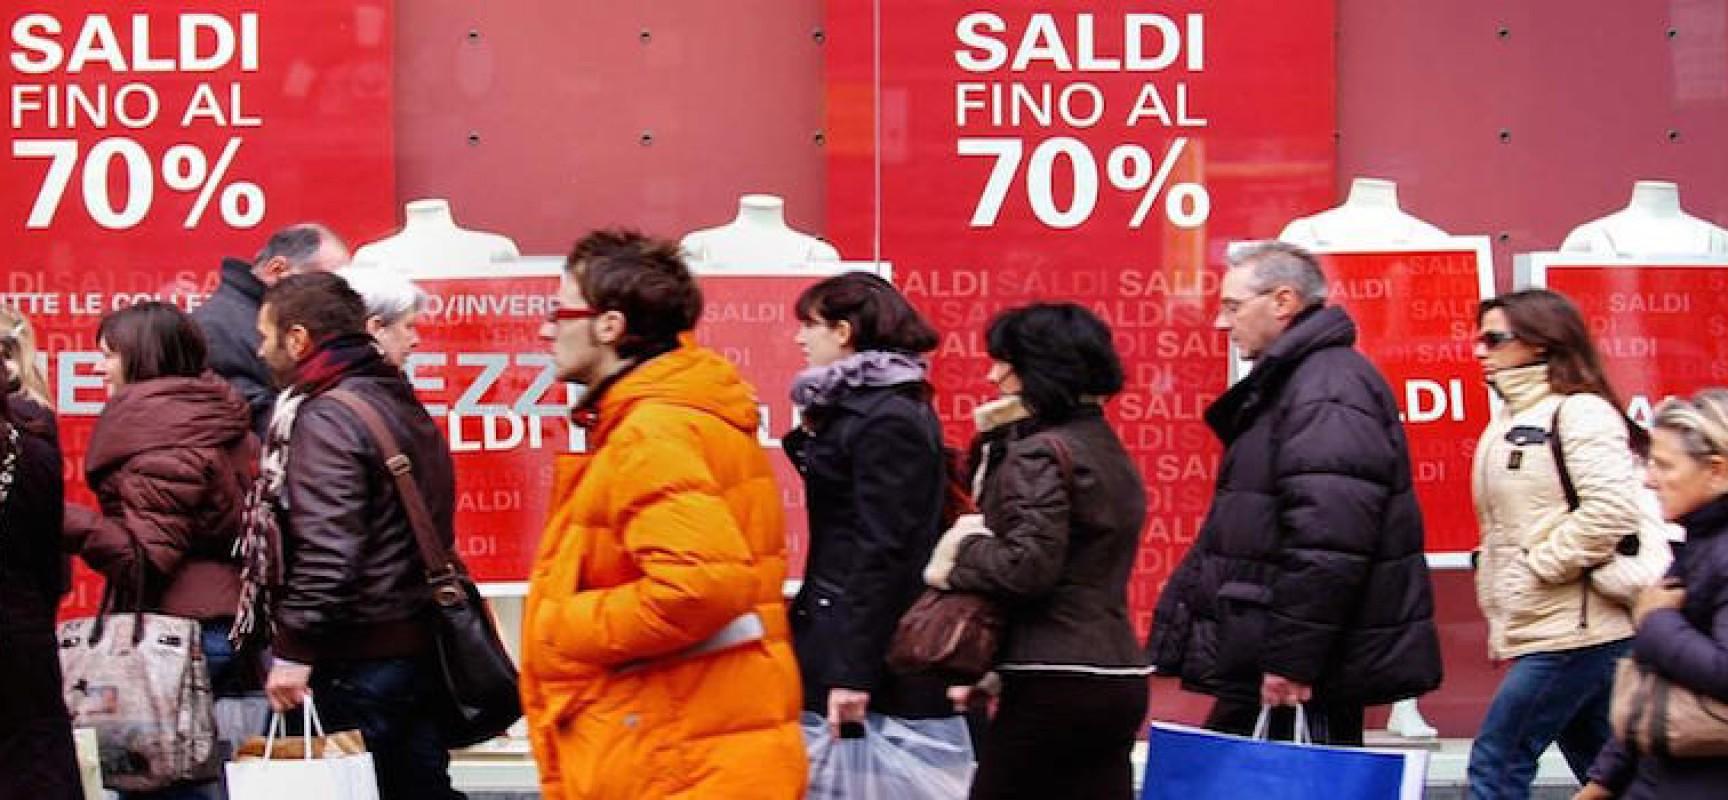 Venerdì 5 gennaio inizio dei saldi invernali, la Confcommercio invita al rispetto delle regole